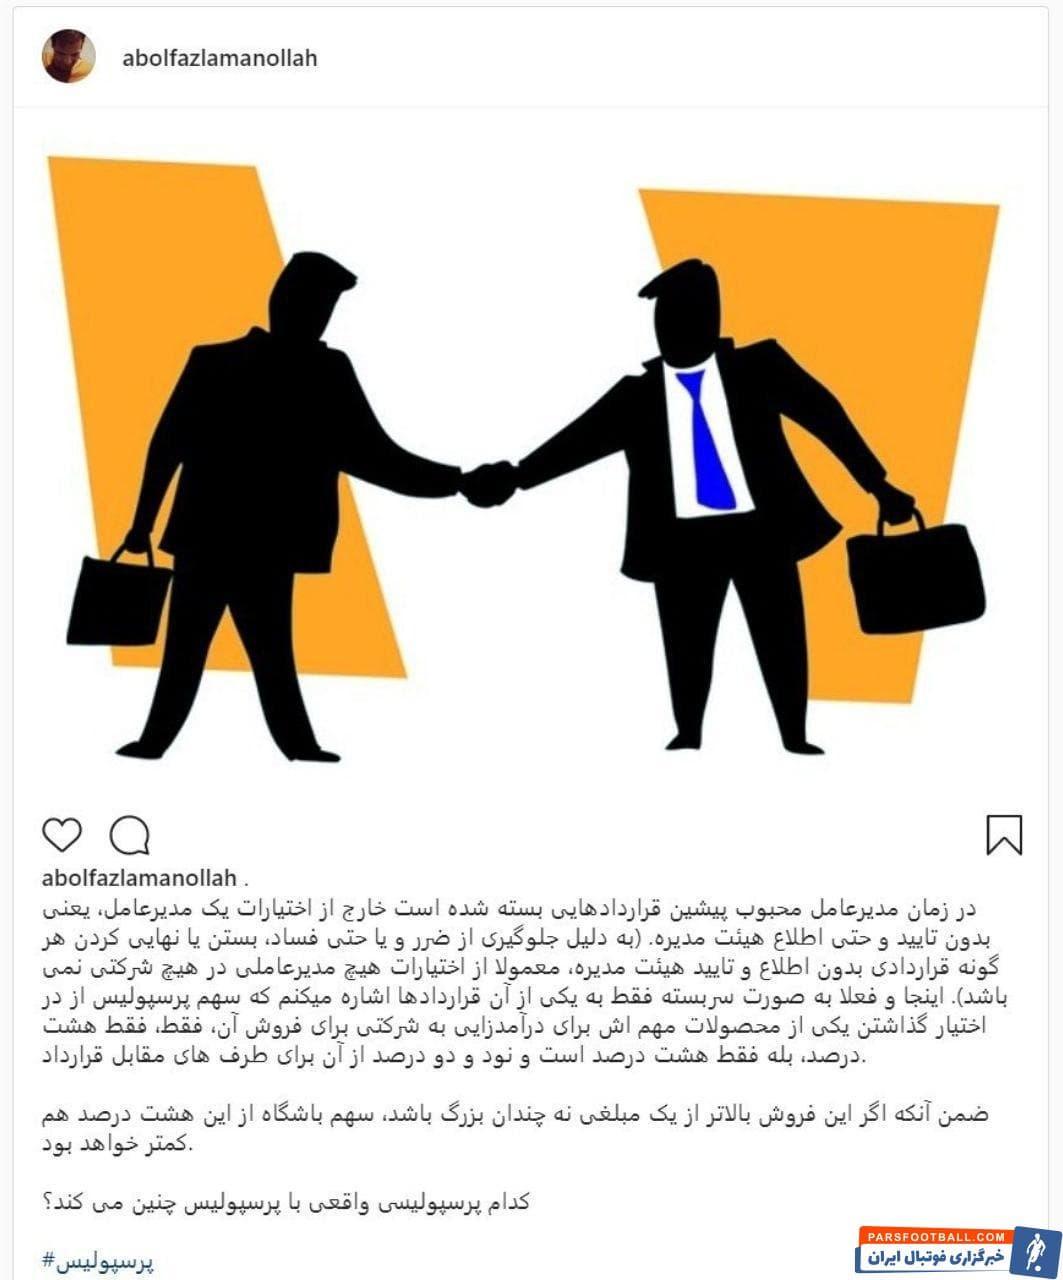 امان الله امروز در پستی اینستاگرامی به انتقاد از انصاری فرد پرداخته و درباره یکی از قراردادهایی که او به عنوان مدیرعامل  بسته بود، اشاره کرده است.